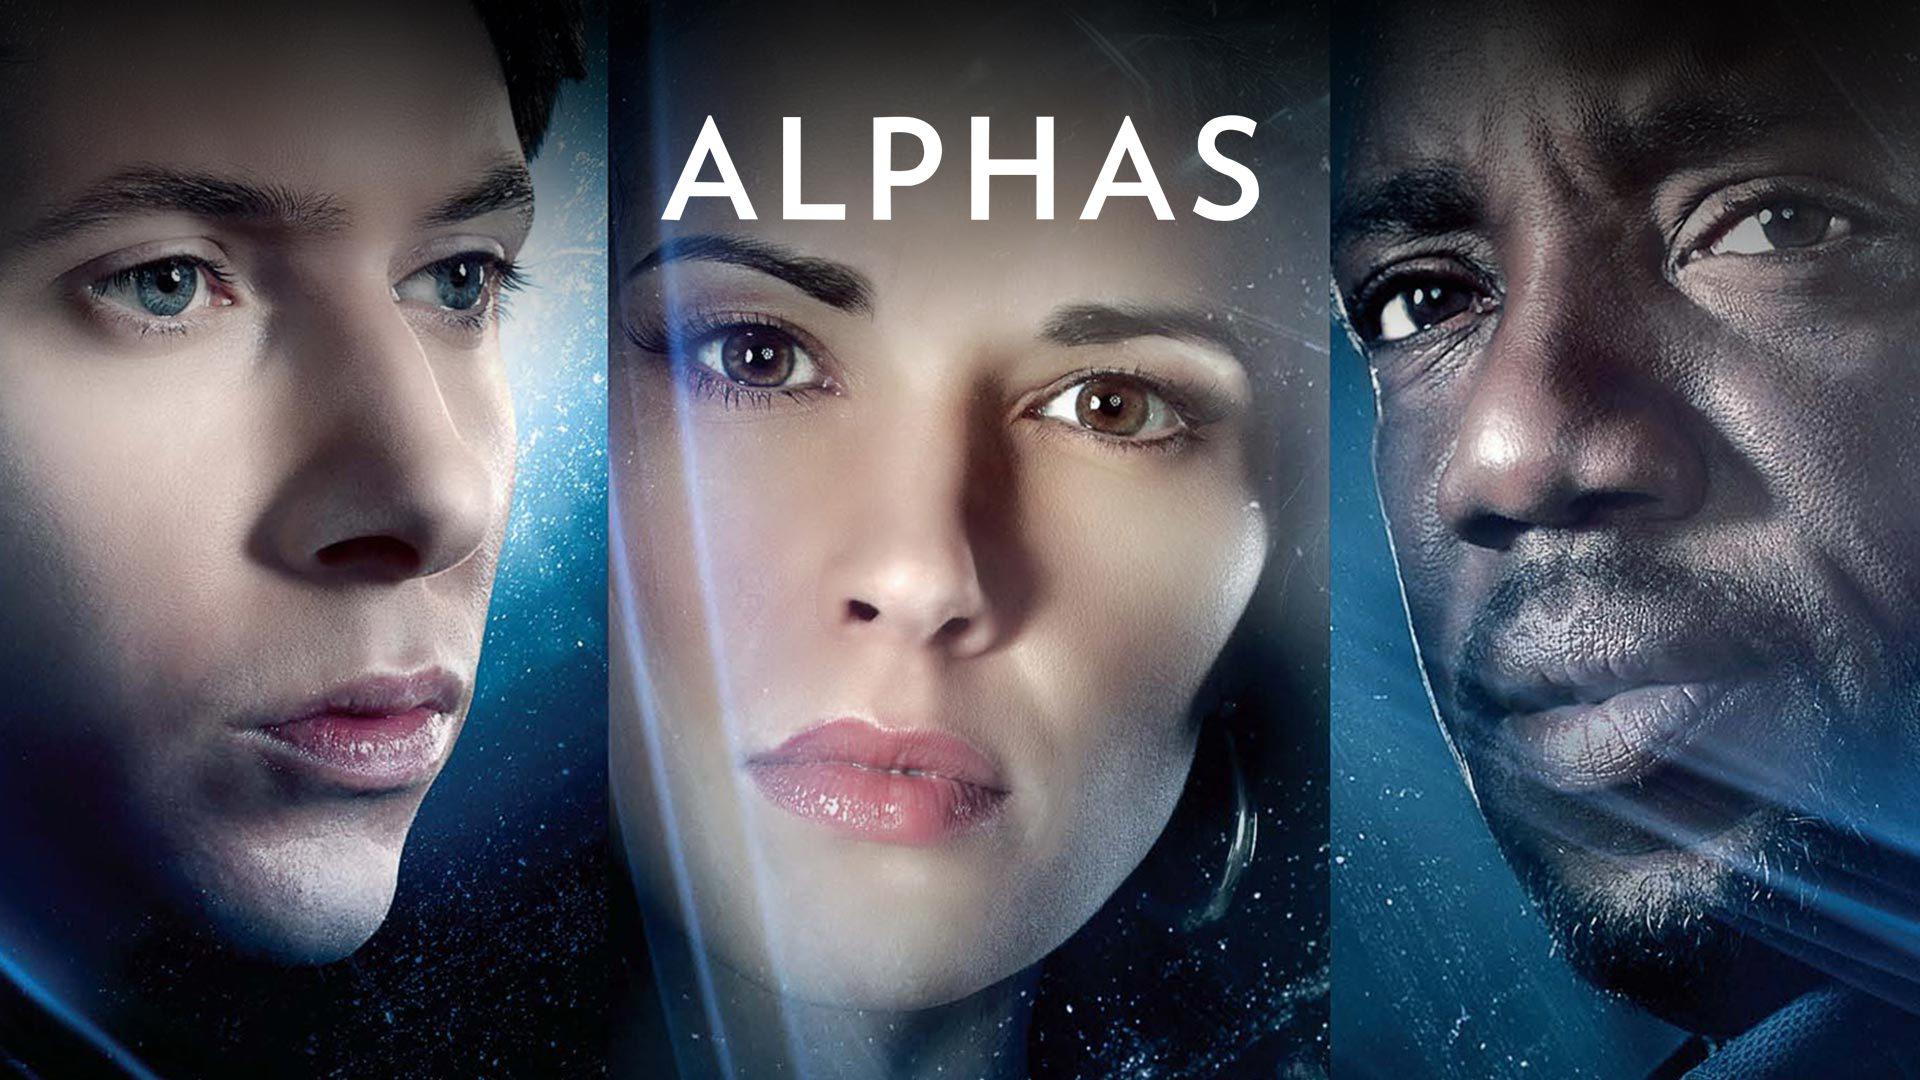 Alphas Season 1